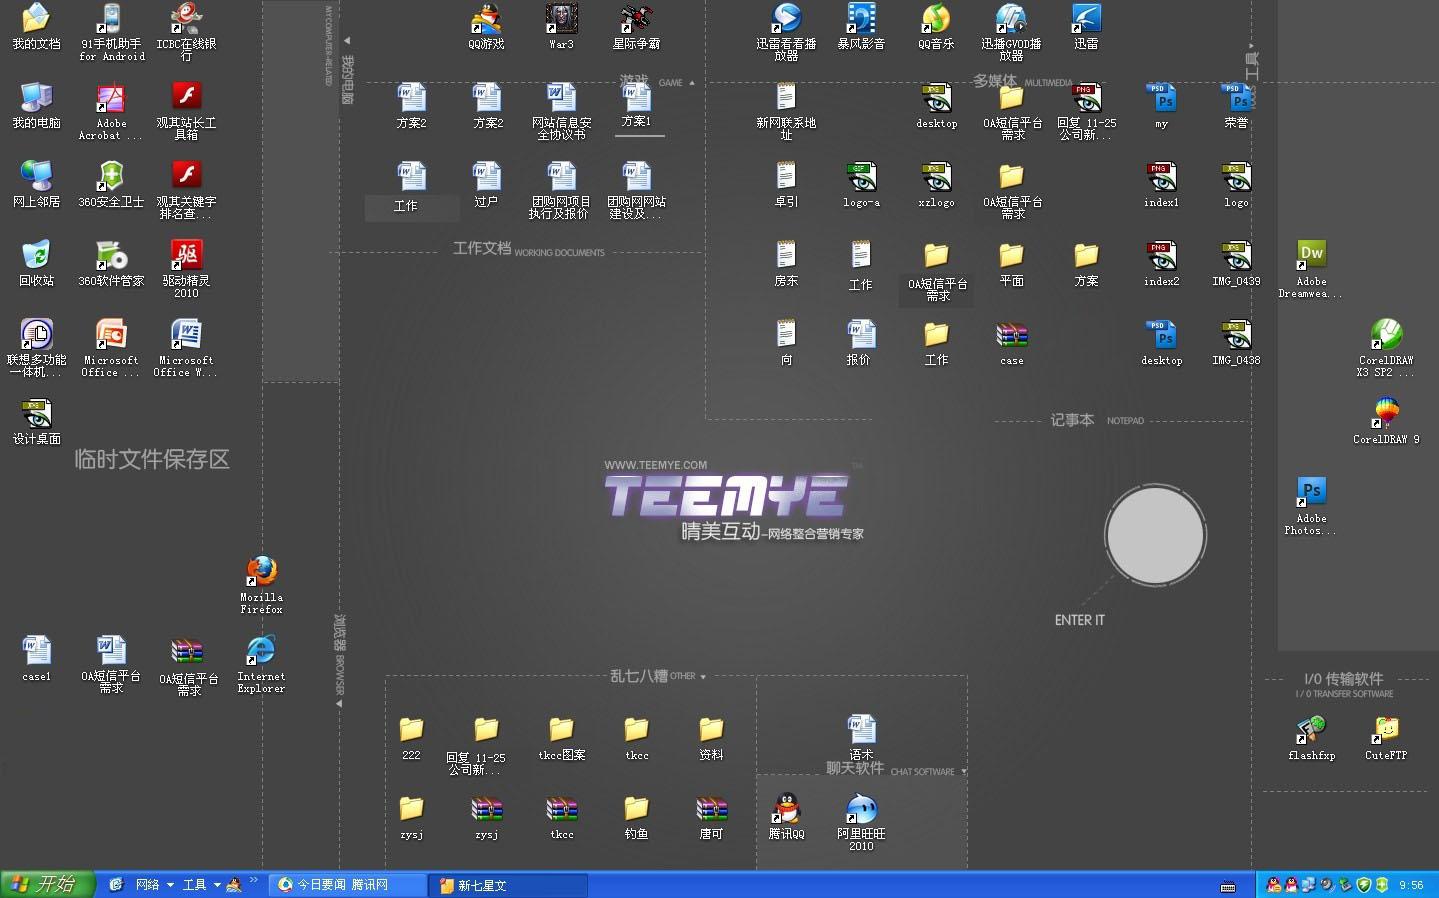 最近公司设计师设计出一款电脑桌面,能够给大家桌面文件分类分区存储。 因为平时大家工作太忙,资料太多,无暇顾及整理,每个人的电脑桌面都是惨目忍睹,文件堆砌,查找资料相当麻烦。 设计师在电脑桌面上划分了临时文件保护区,我的电脑,浏览器,游戏,工作文档,多媒体,记事本,乱七八糟,聊天软件,SEO相关,工具,传输软件几个区,点睛之笔是中间的ENTER IT(每天点一下)。每个人用的时候可以根据个人习惯适当调整,相当的方便。 下面分别发一设计师和客服部的桌面,让大家对比欣赏,有不一样的地方哦。 设计师的桌面  客服